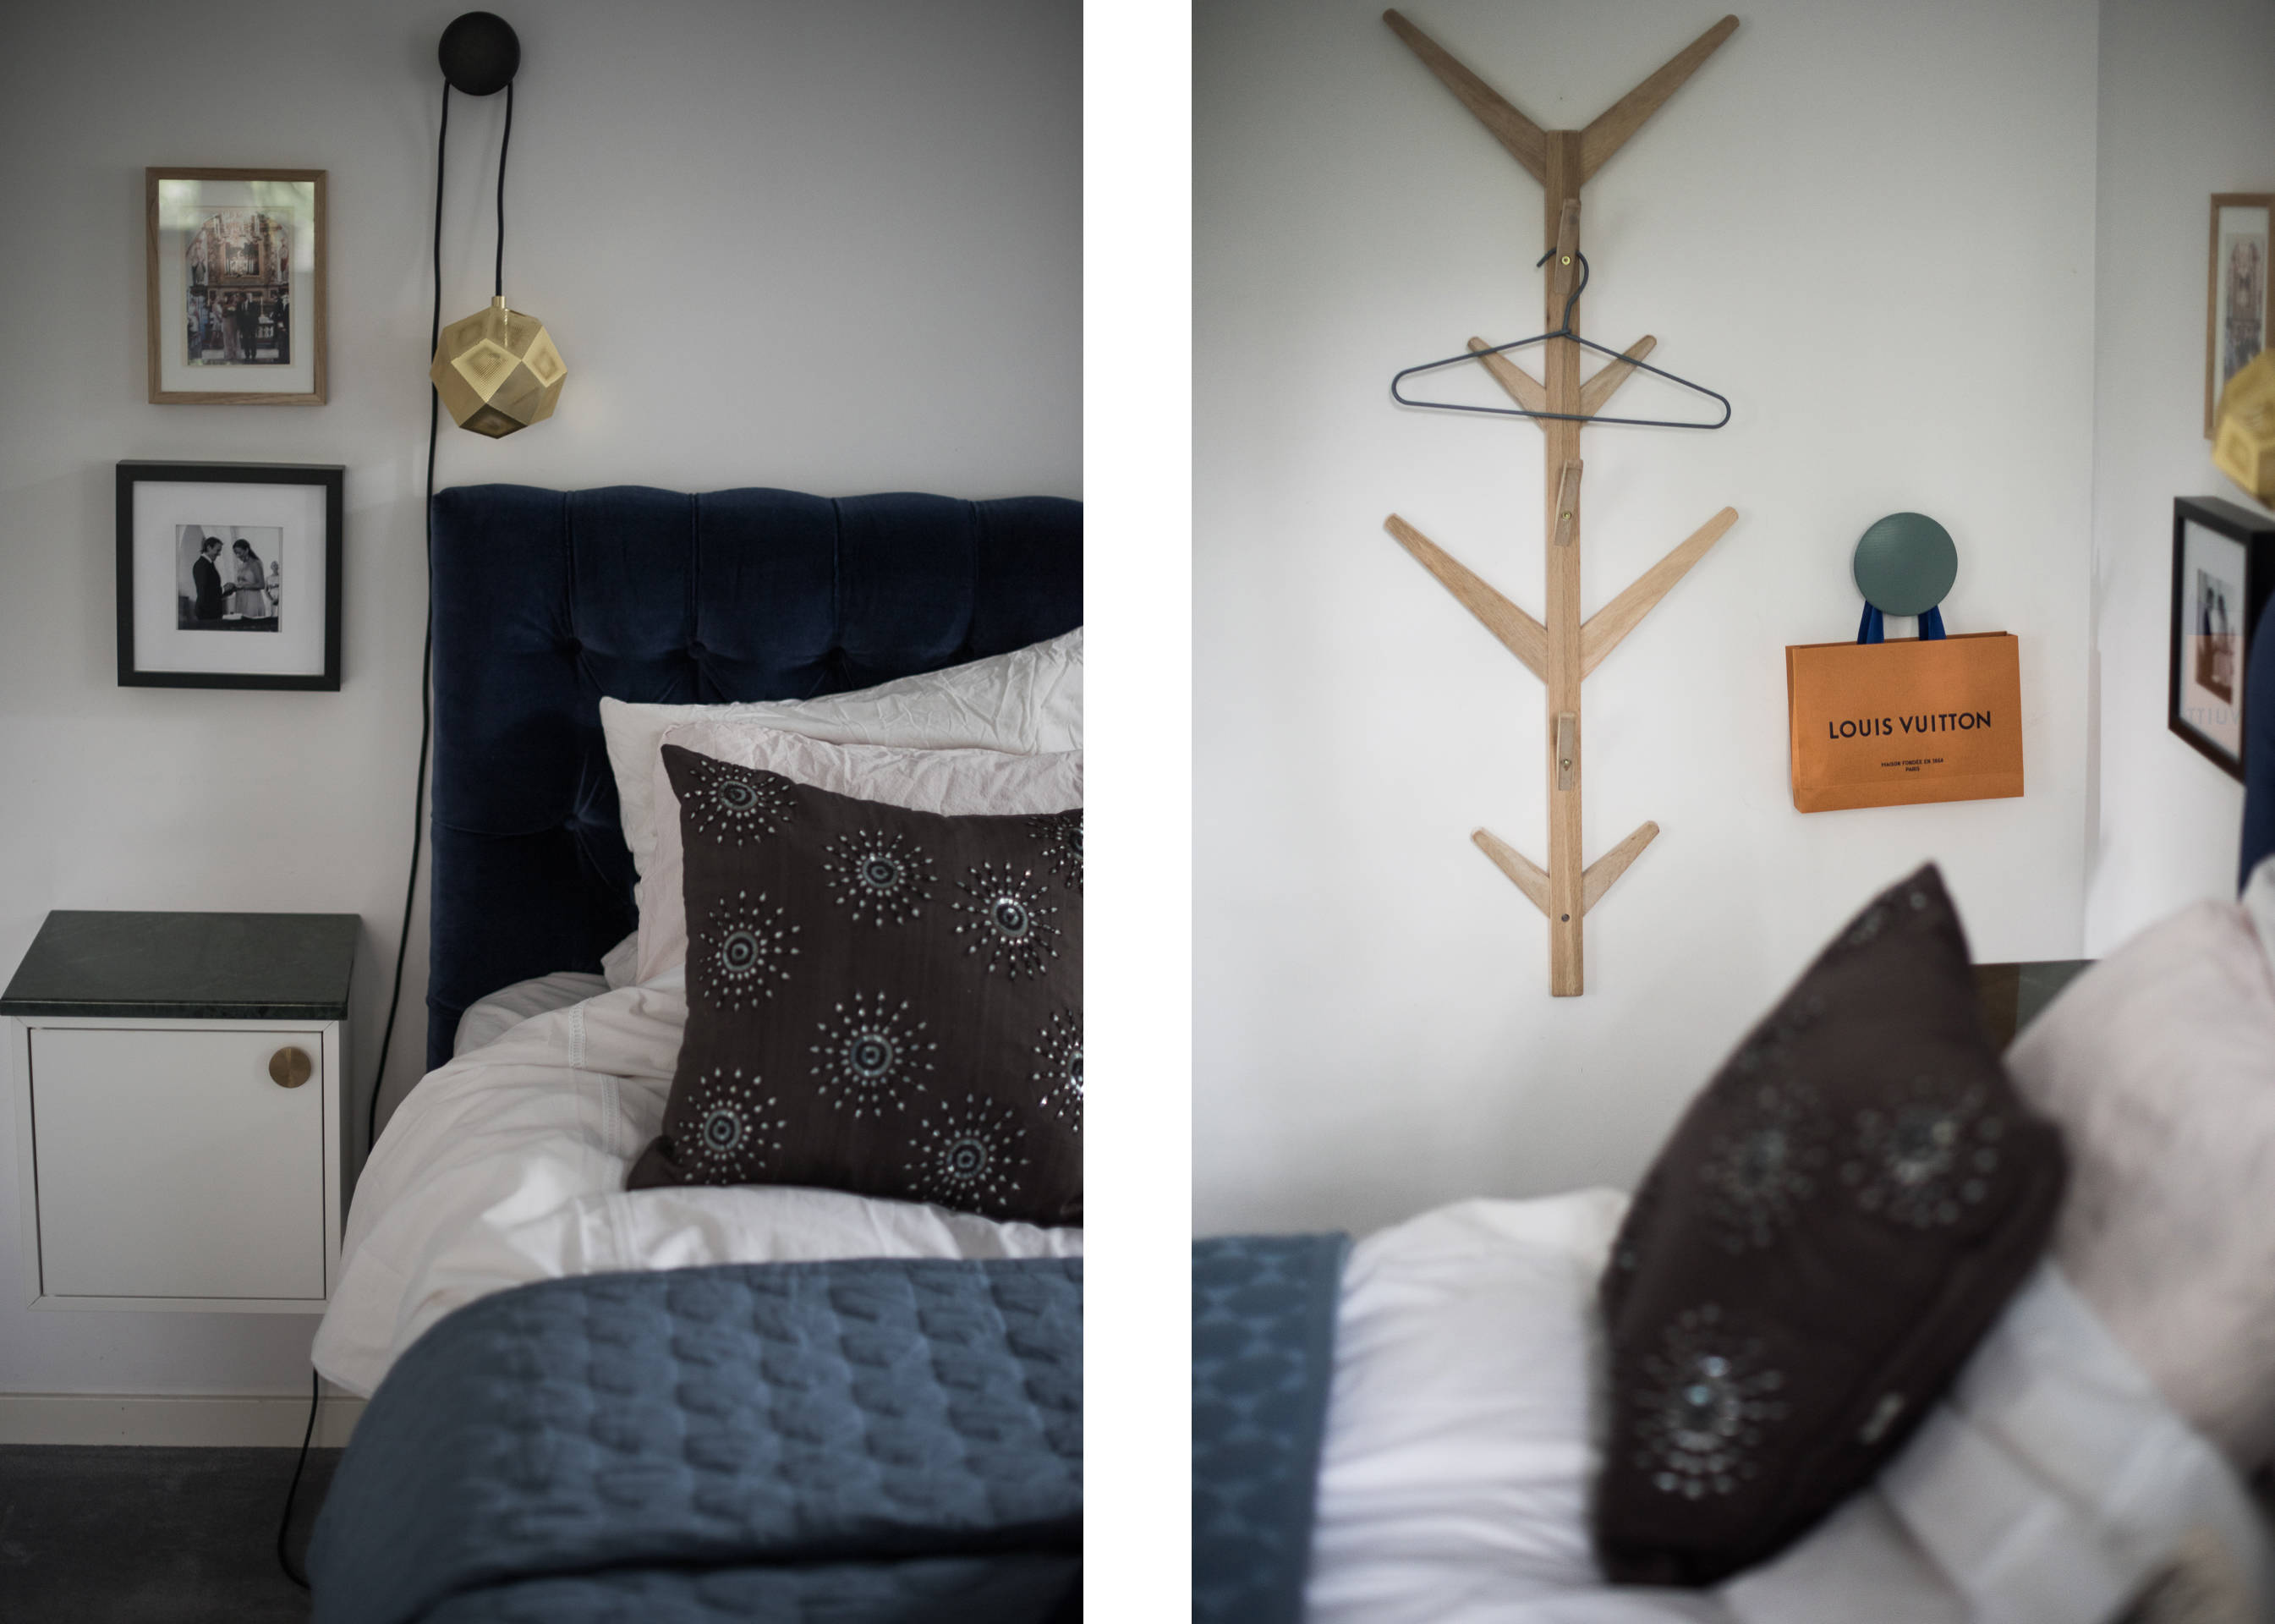 кровать изголовье прикроватные тумбы